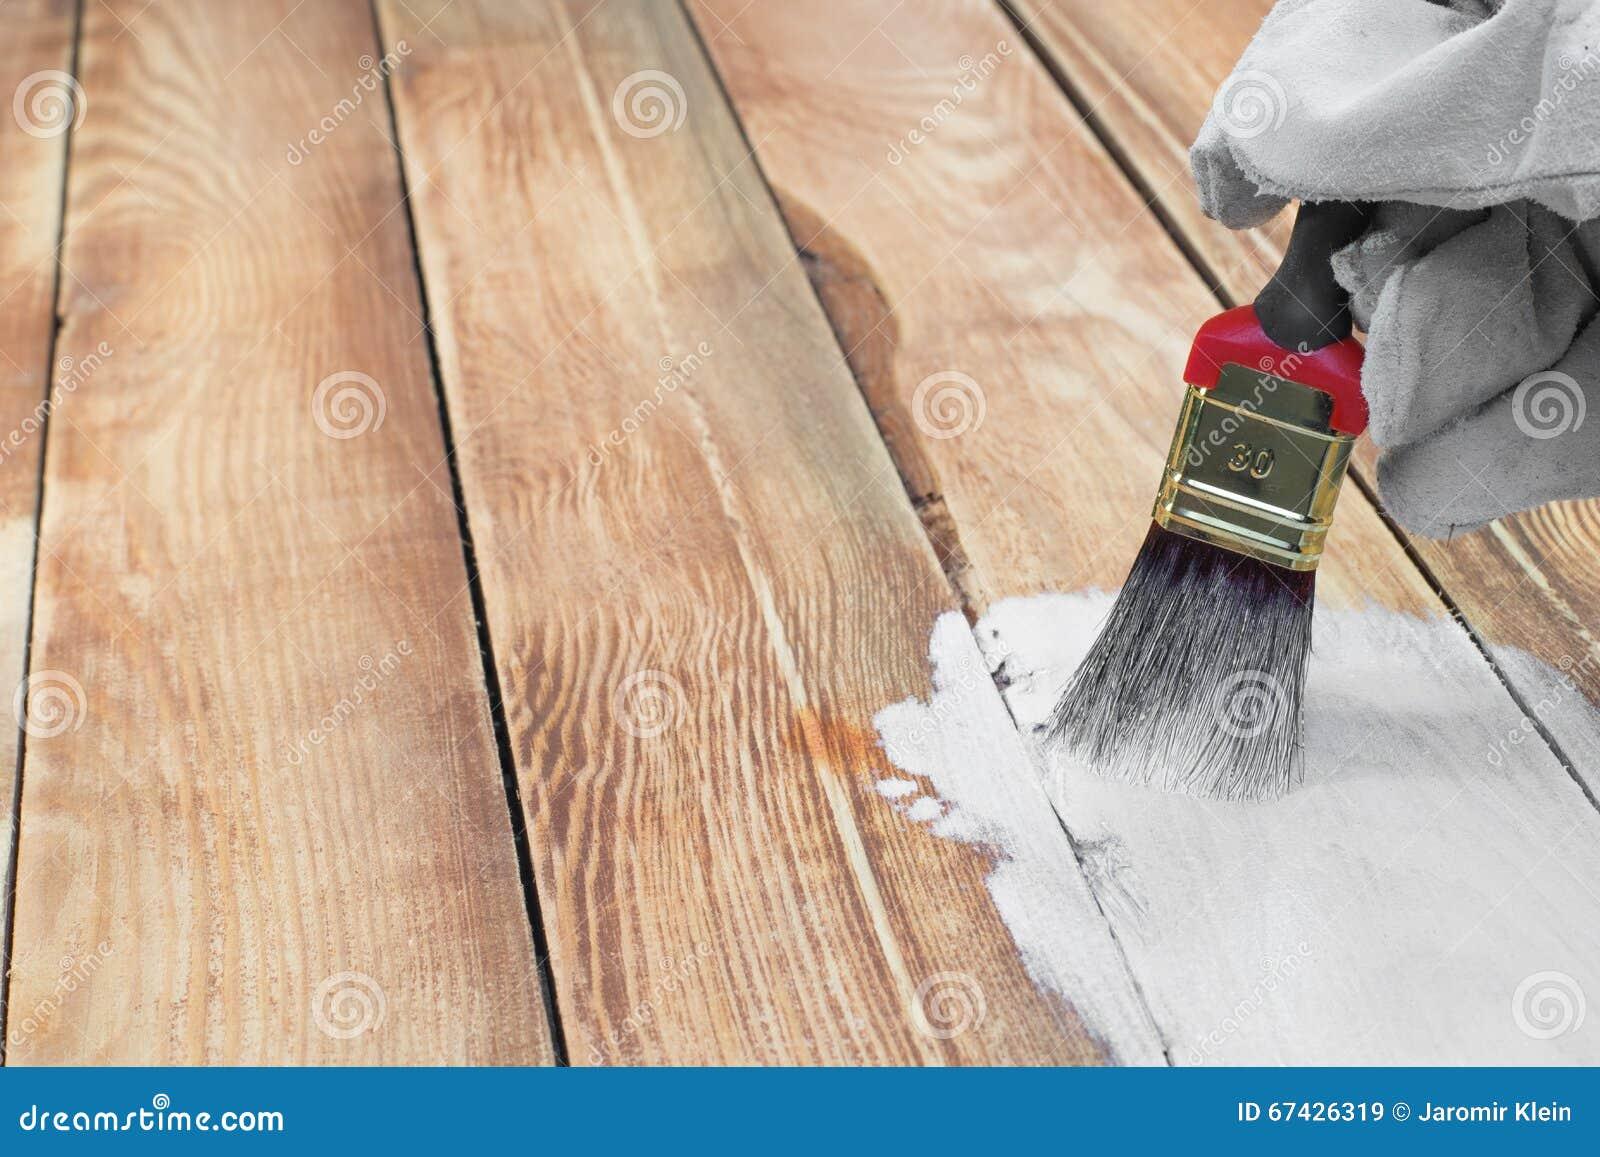 Verniciare legno bianco: vernice ad acqua per esterni vernici legno